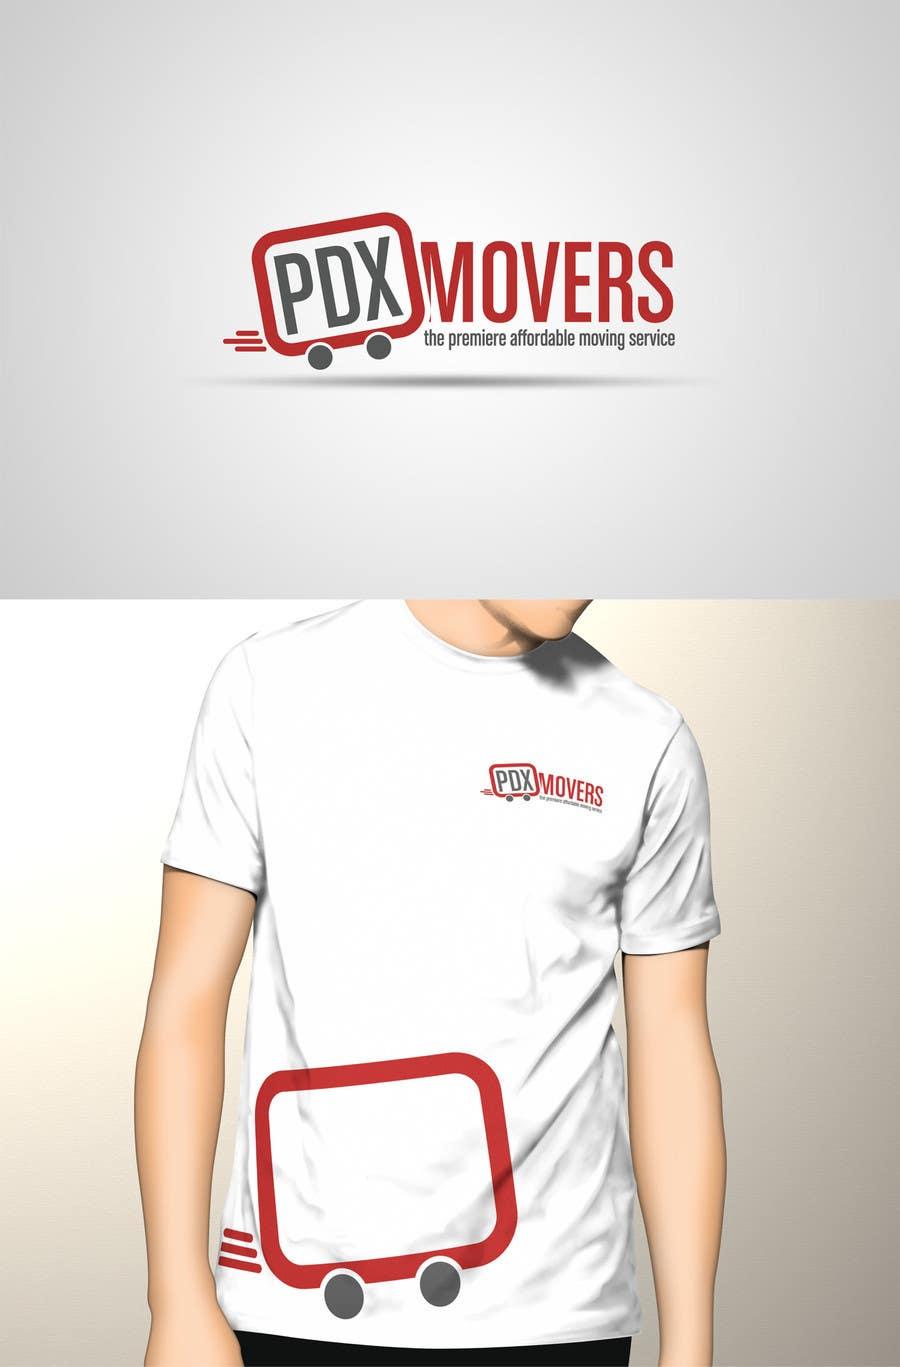 Bài tham dự cuộc thi #                                        115                                      cho                                         Design a Logo for pdxmovers.com